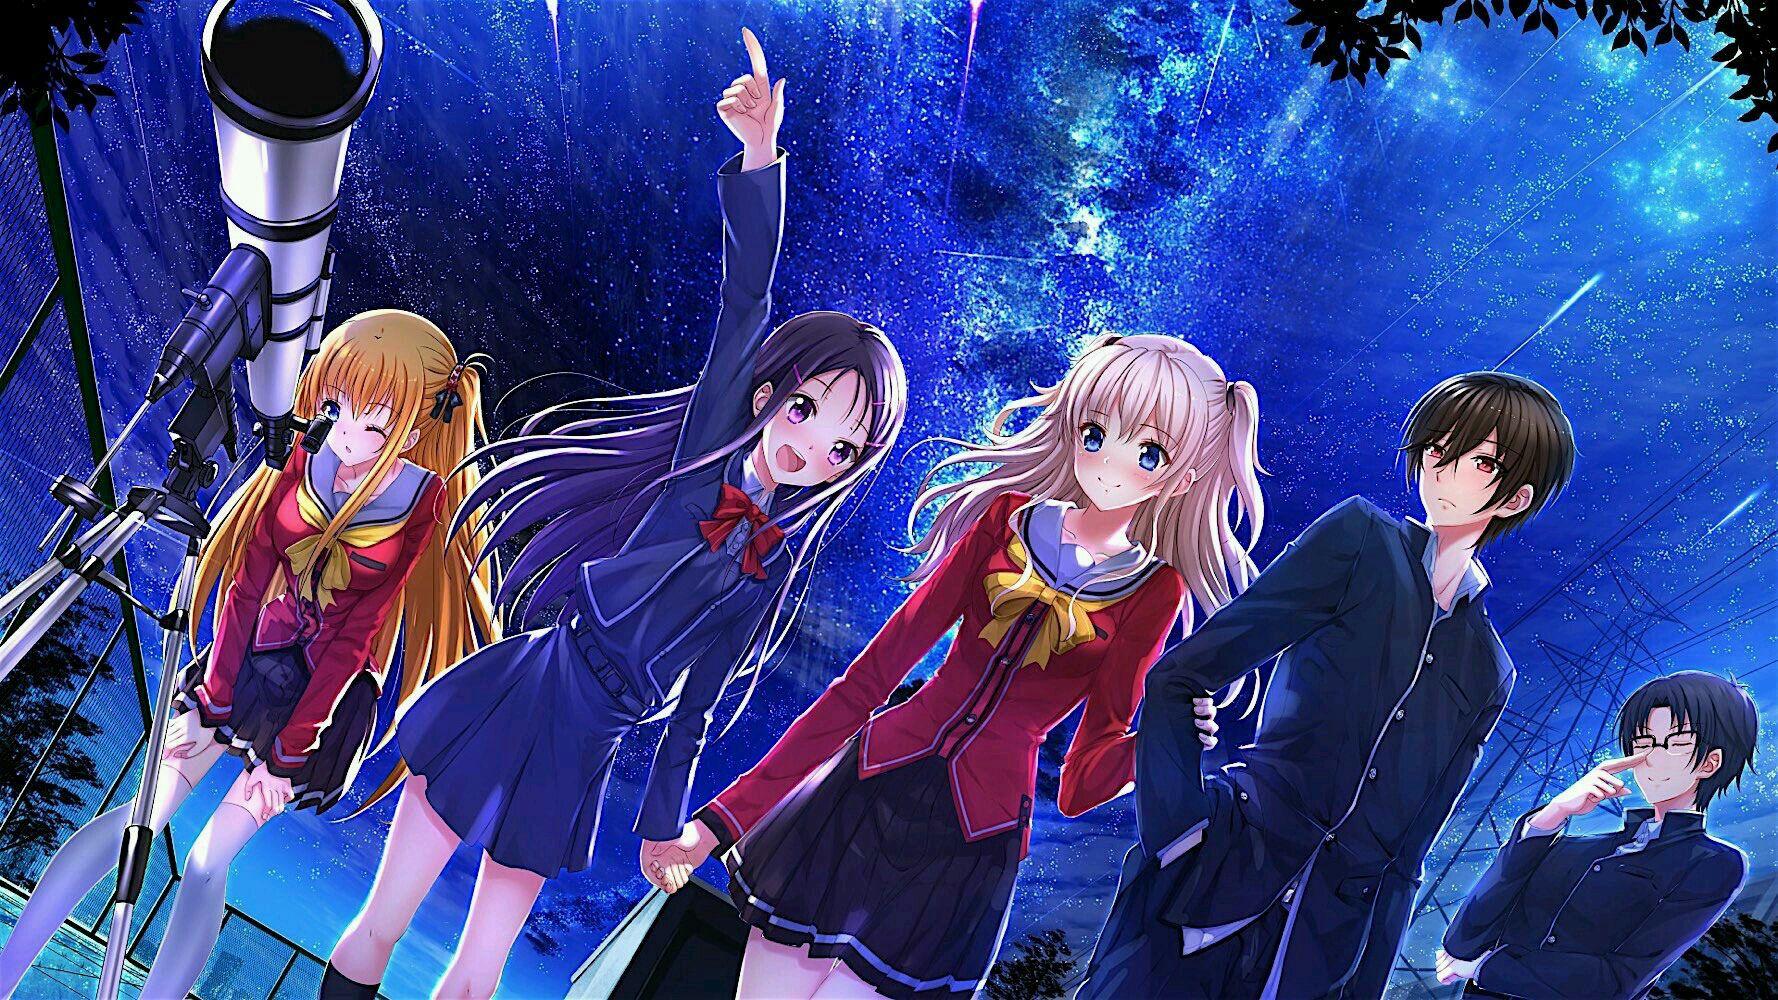 Pin Oleh Kevian89 Di Anime Animasi Seni Anime Gambar Anime